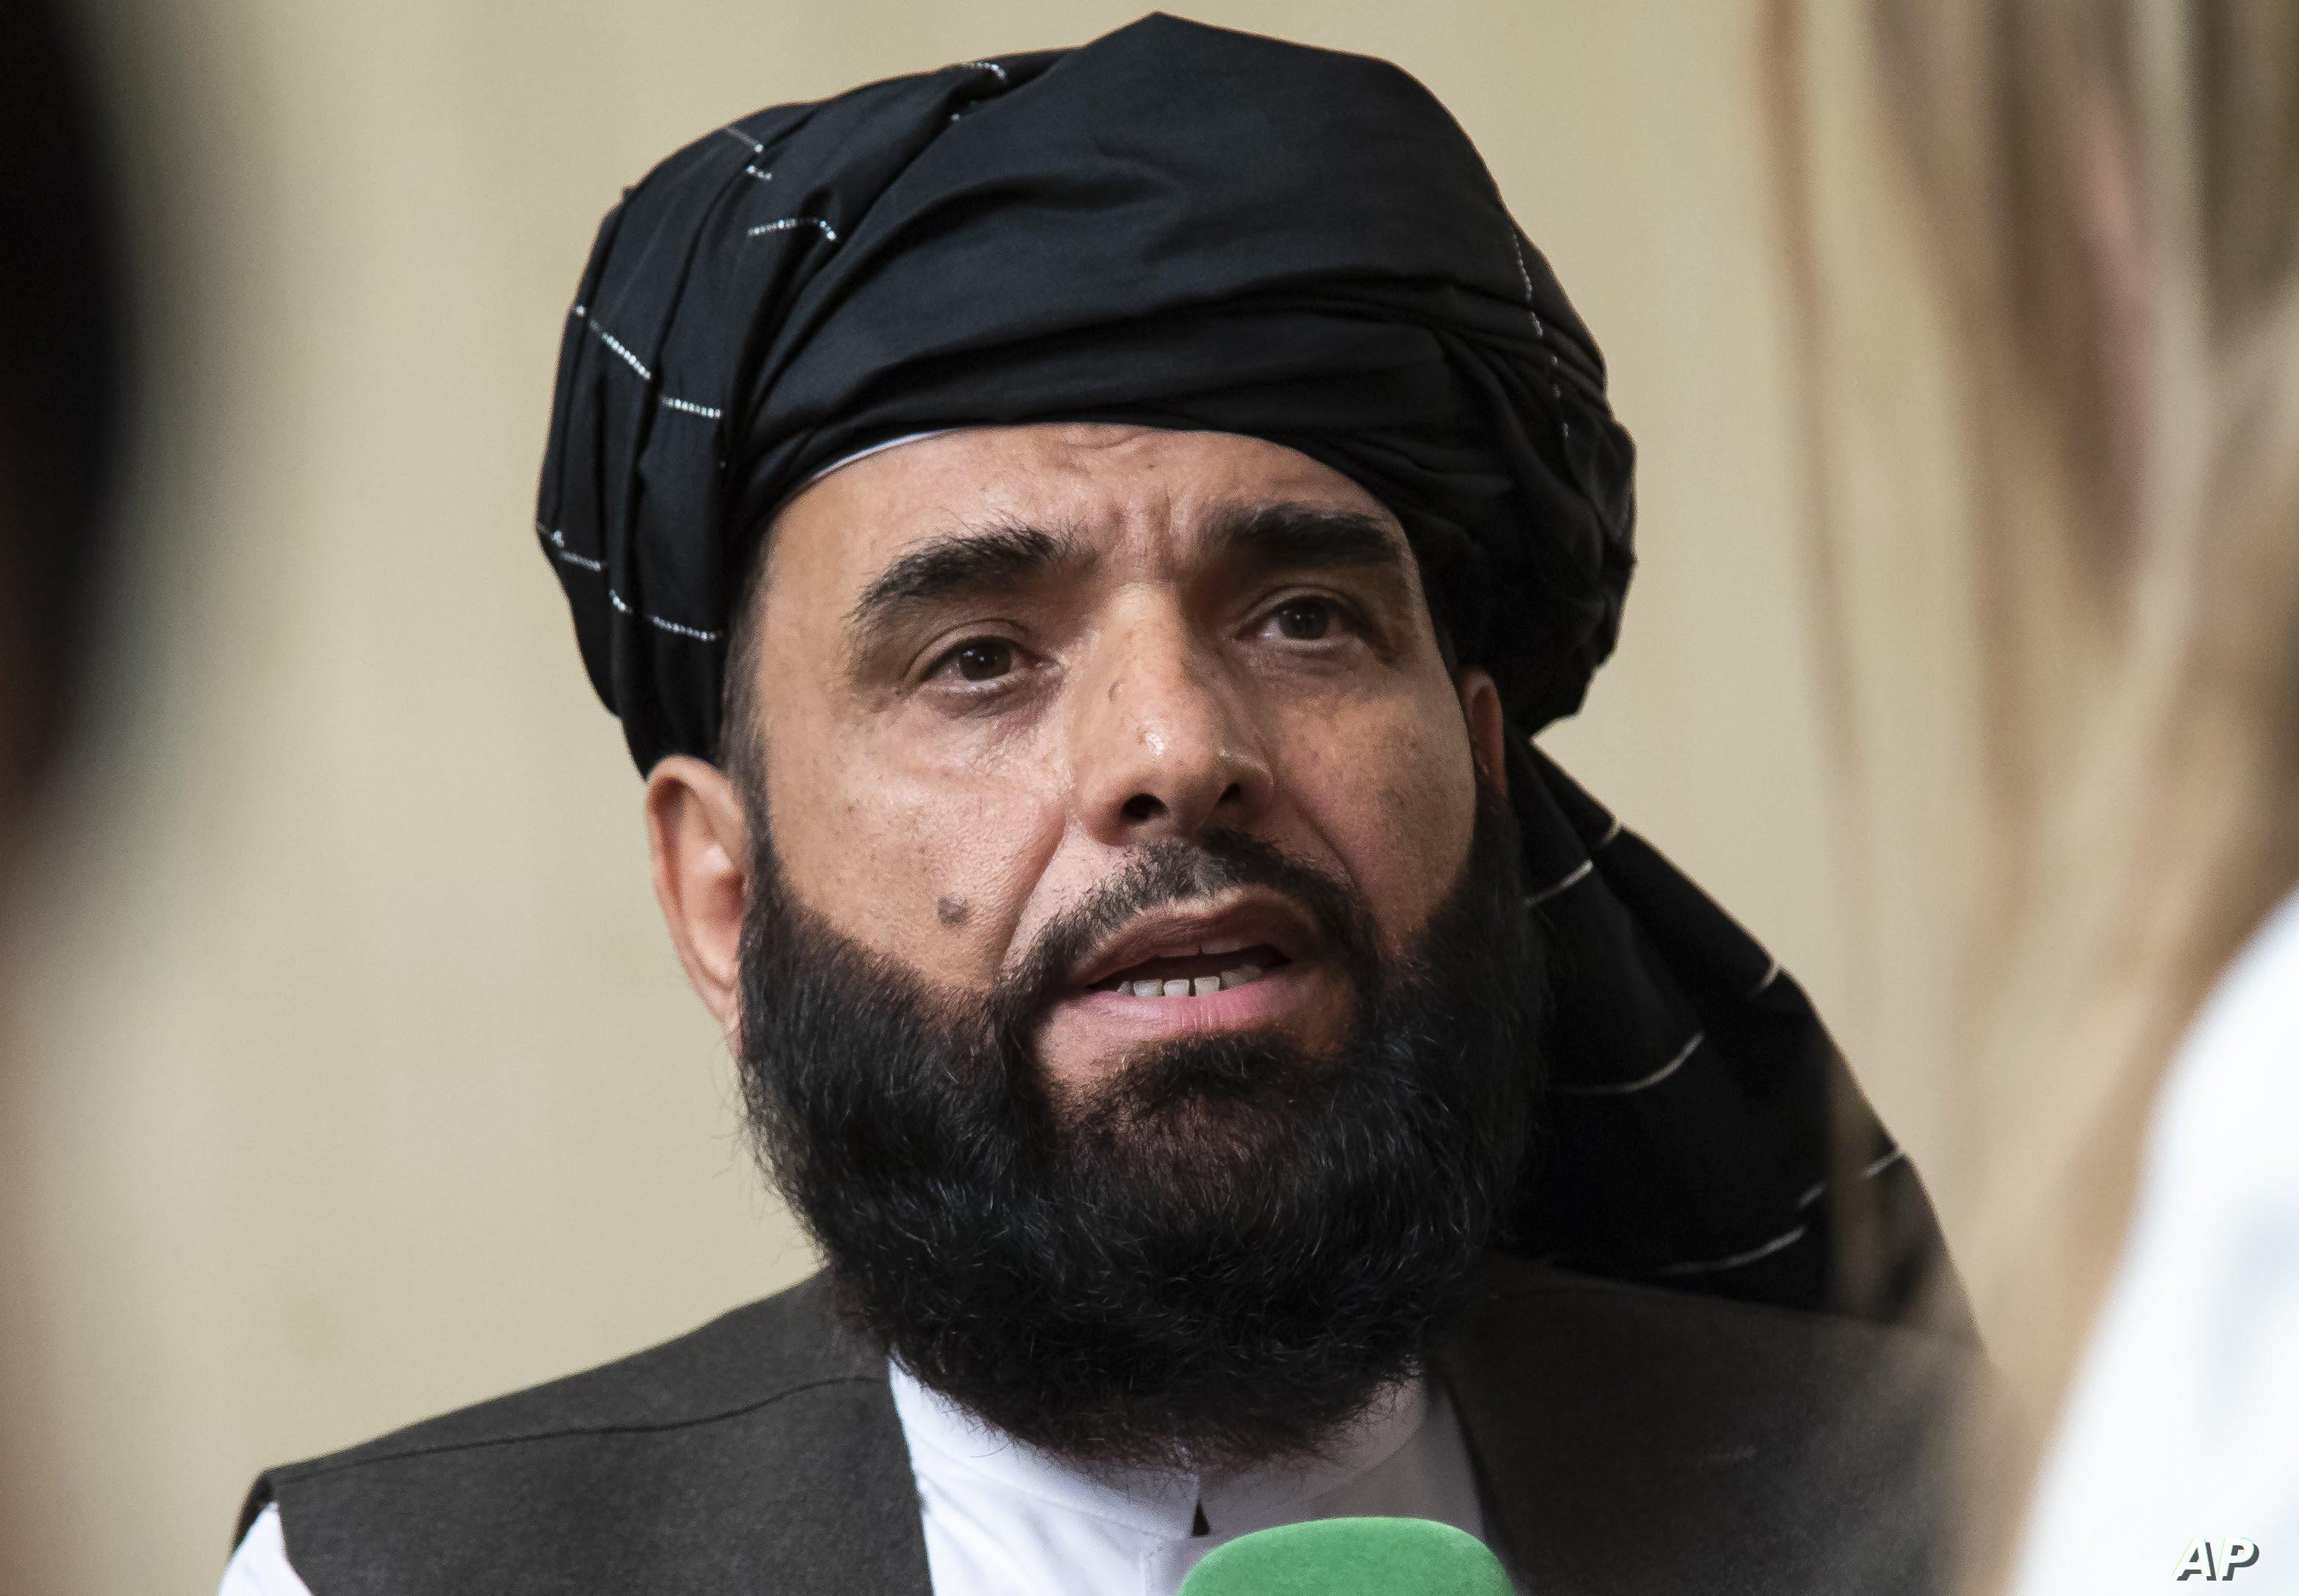 سهيل شاهين - متحدث طالبان: التوافق الوشيك بين الحركة وواشنطن